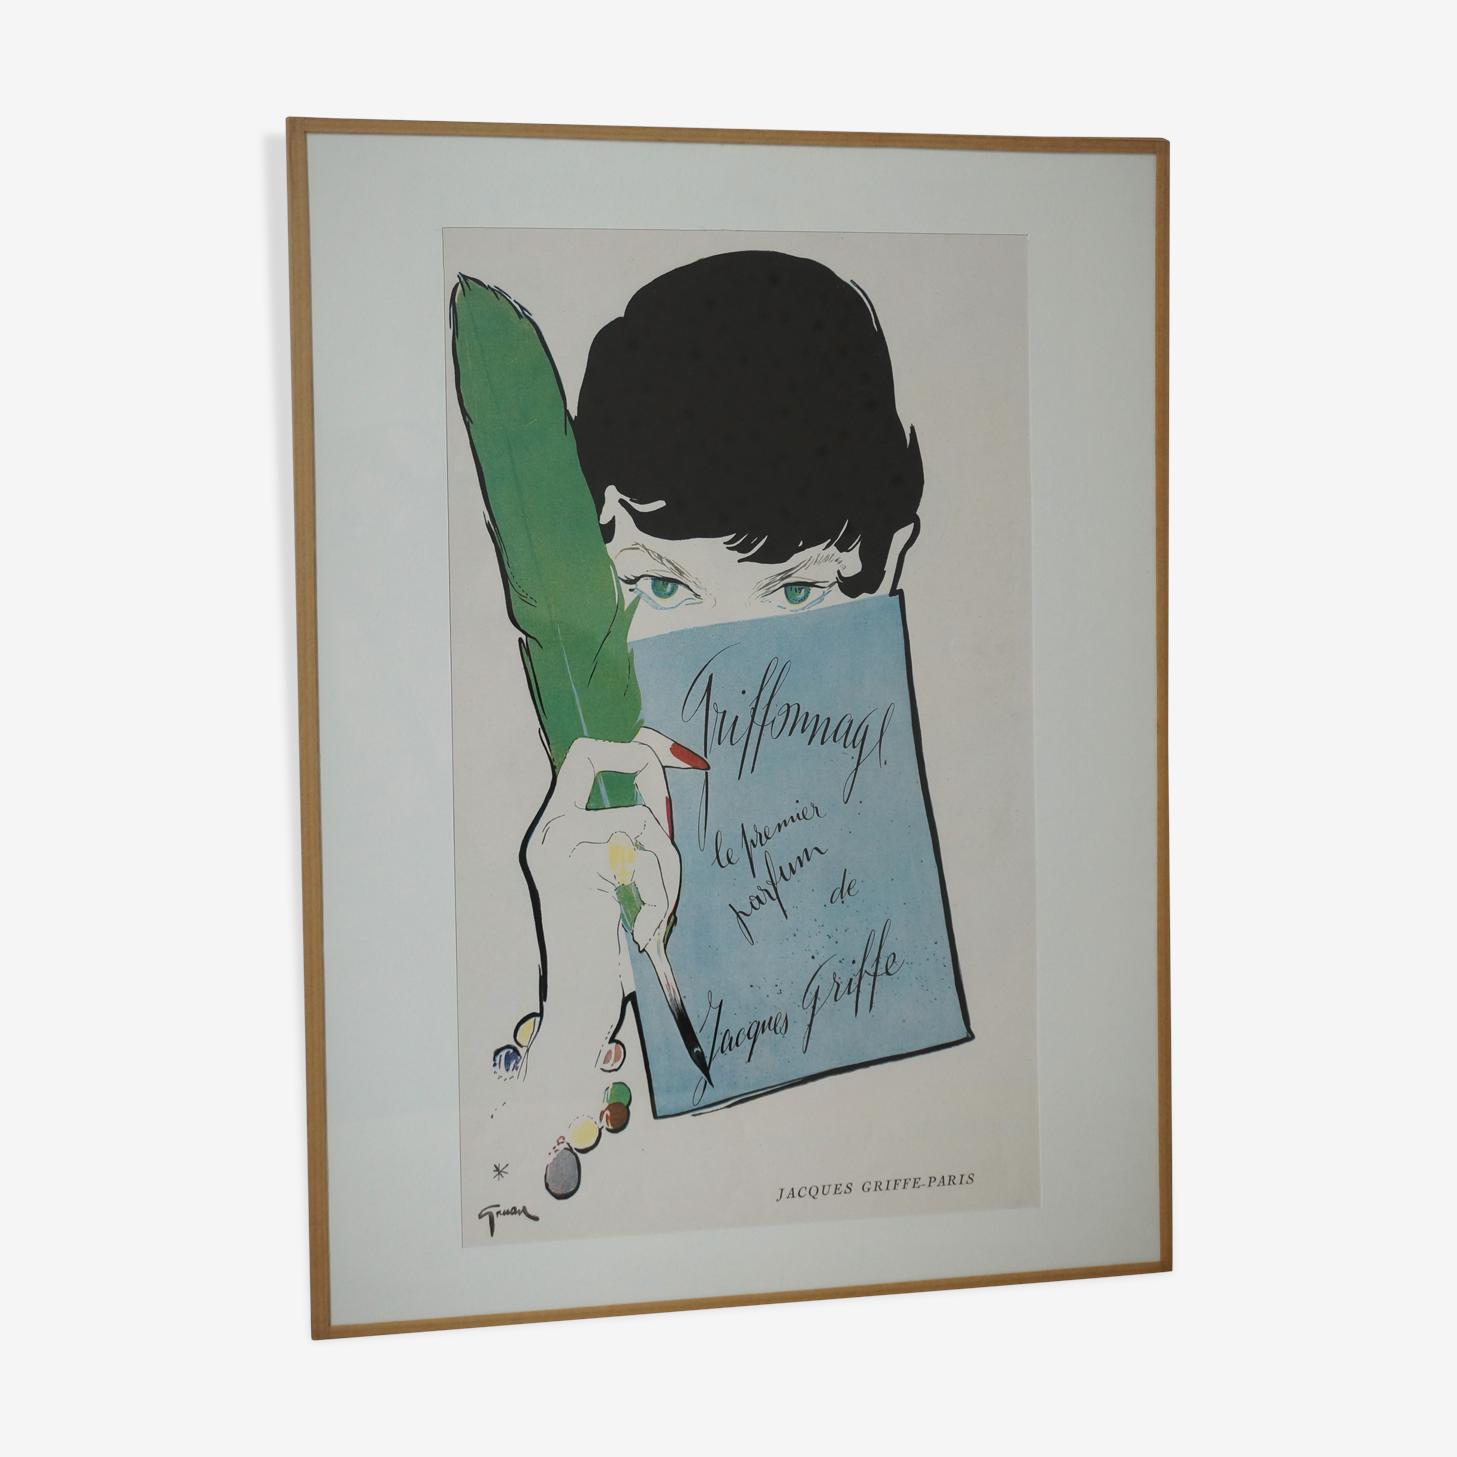 Publicité ancienne René Gruau